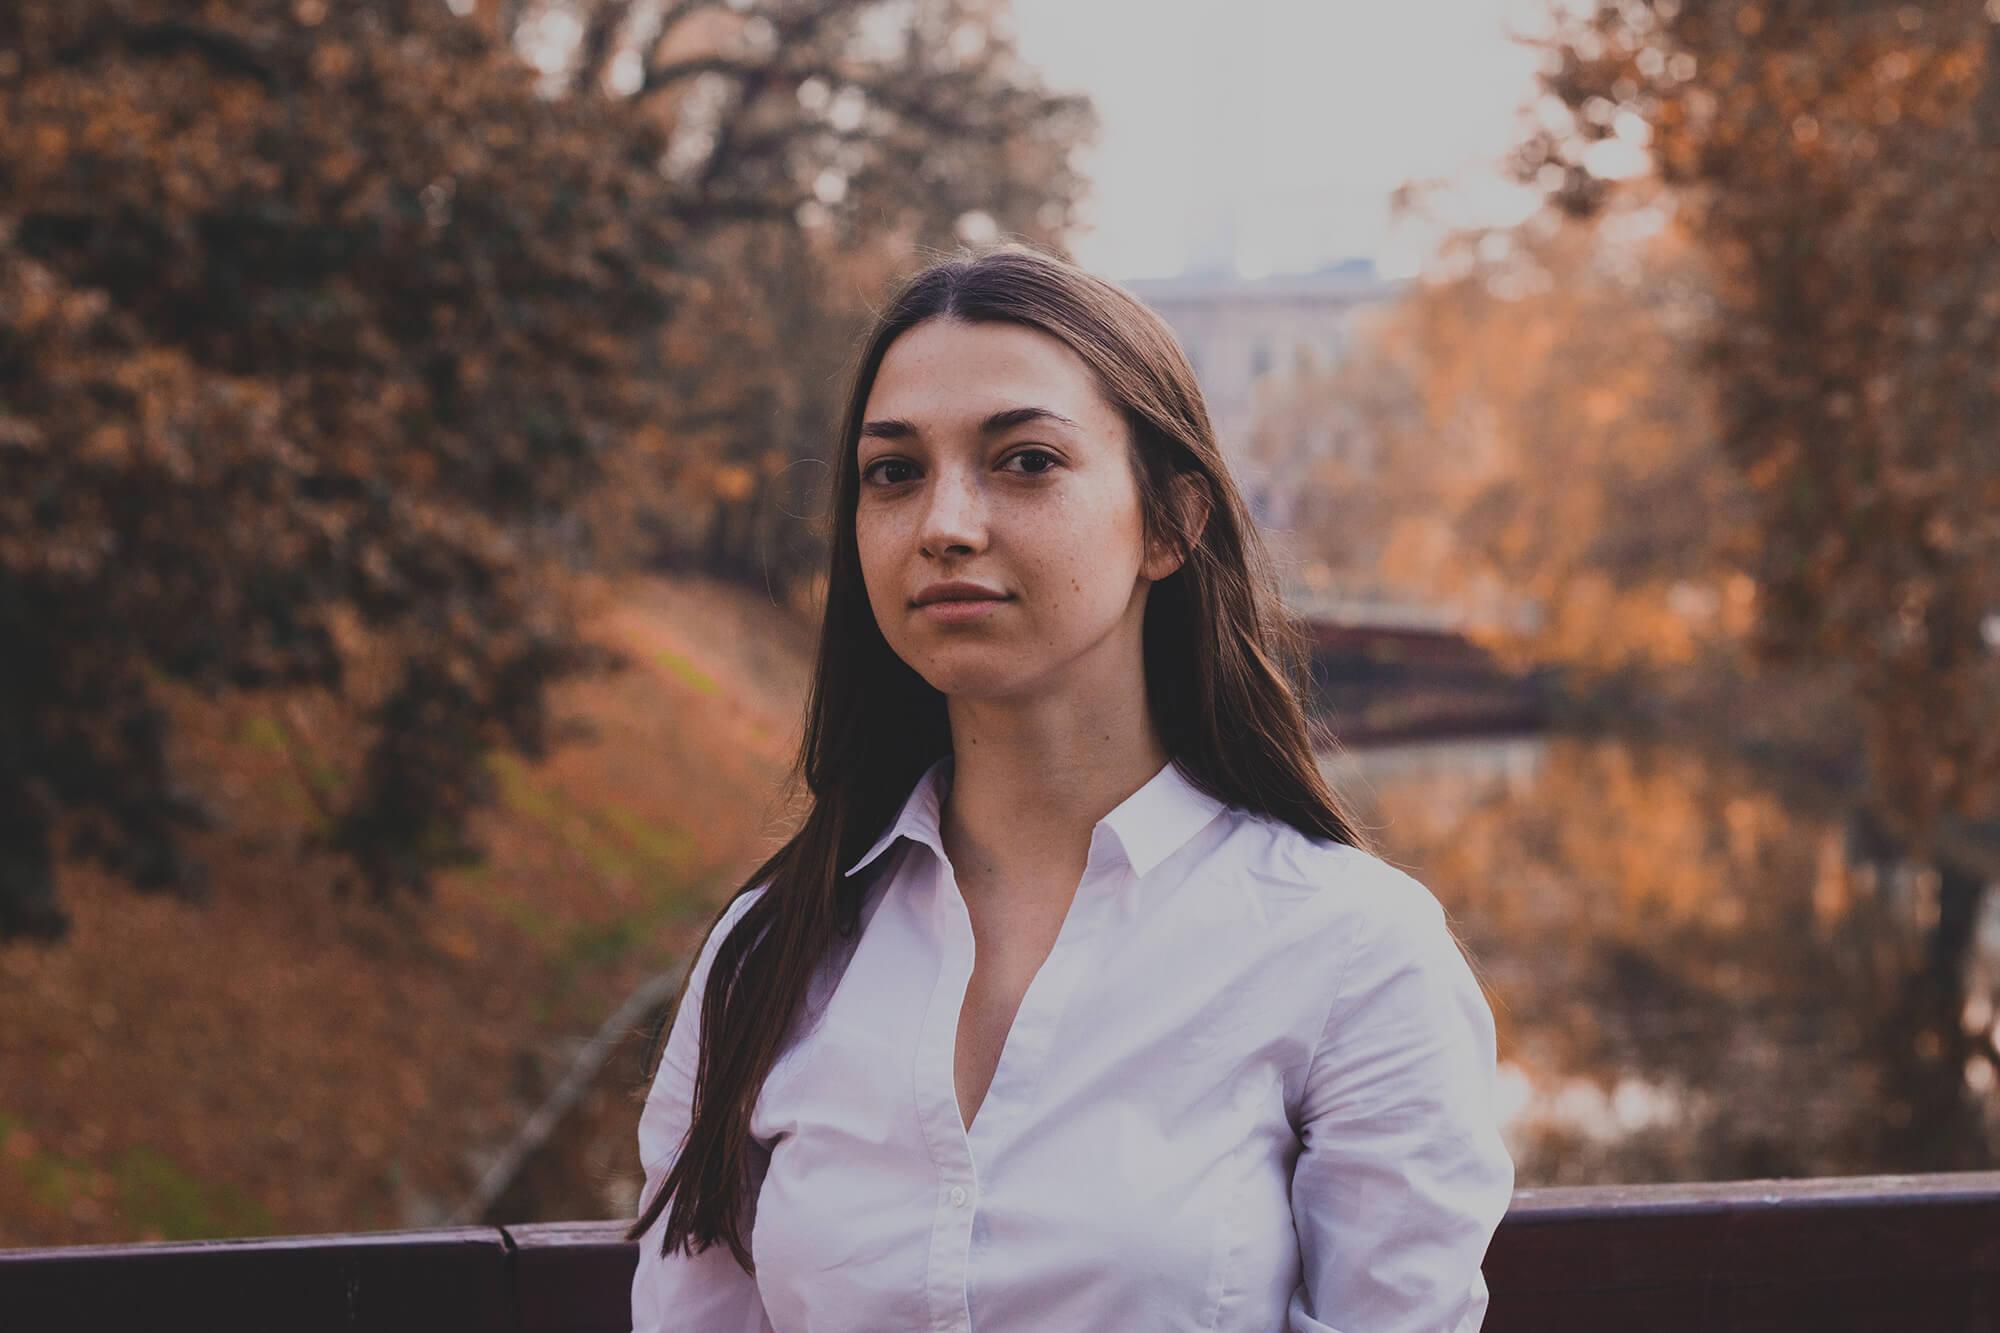 Yulia Pysko